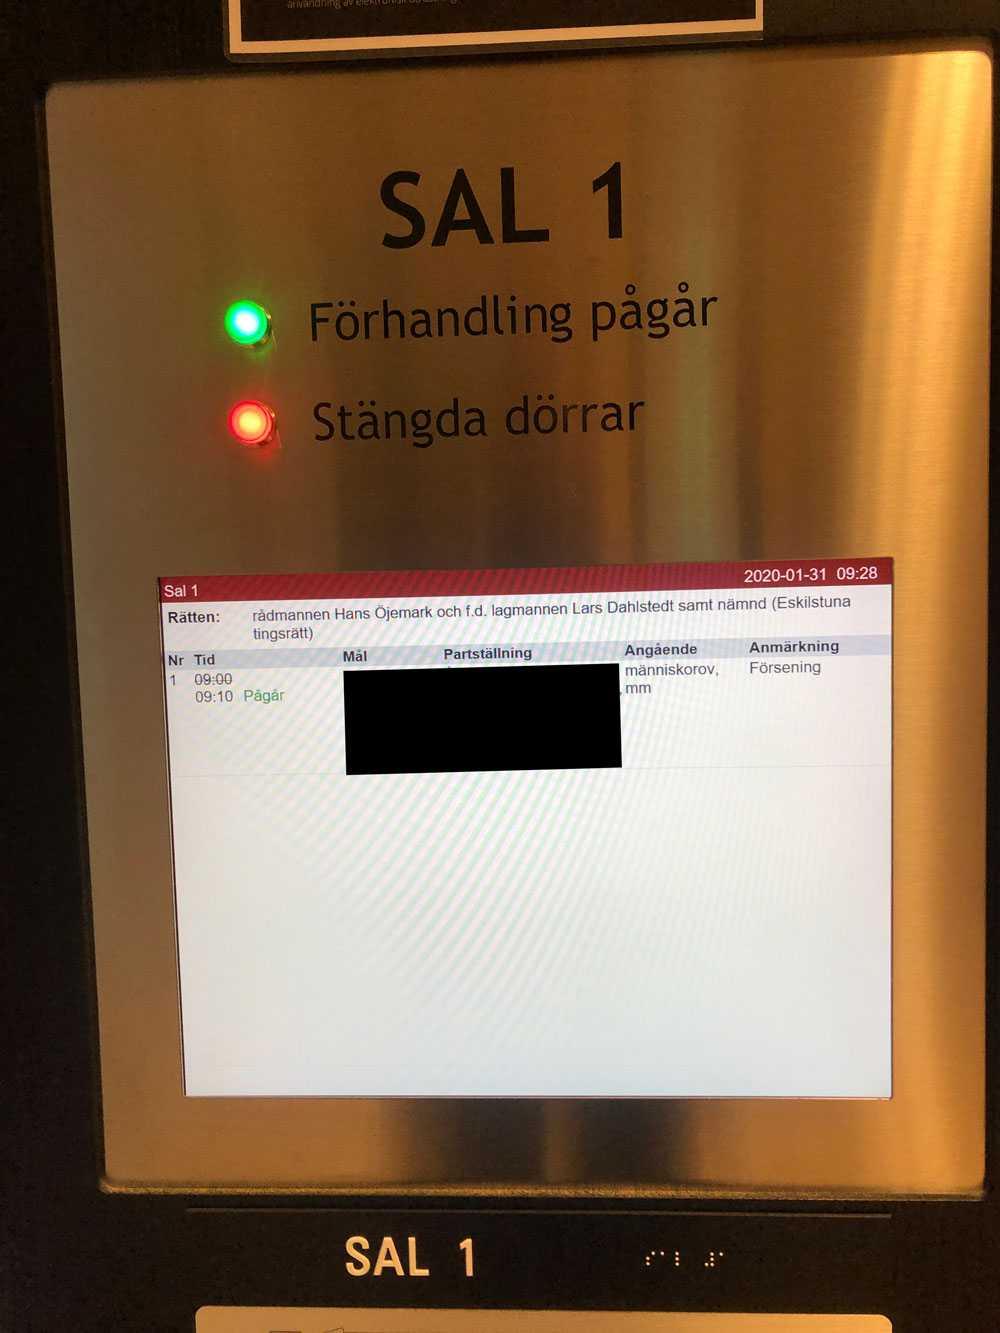 Rättegången hålls i Eskilstuna, Örebro och Västerås.